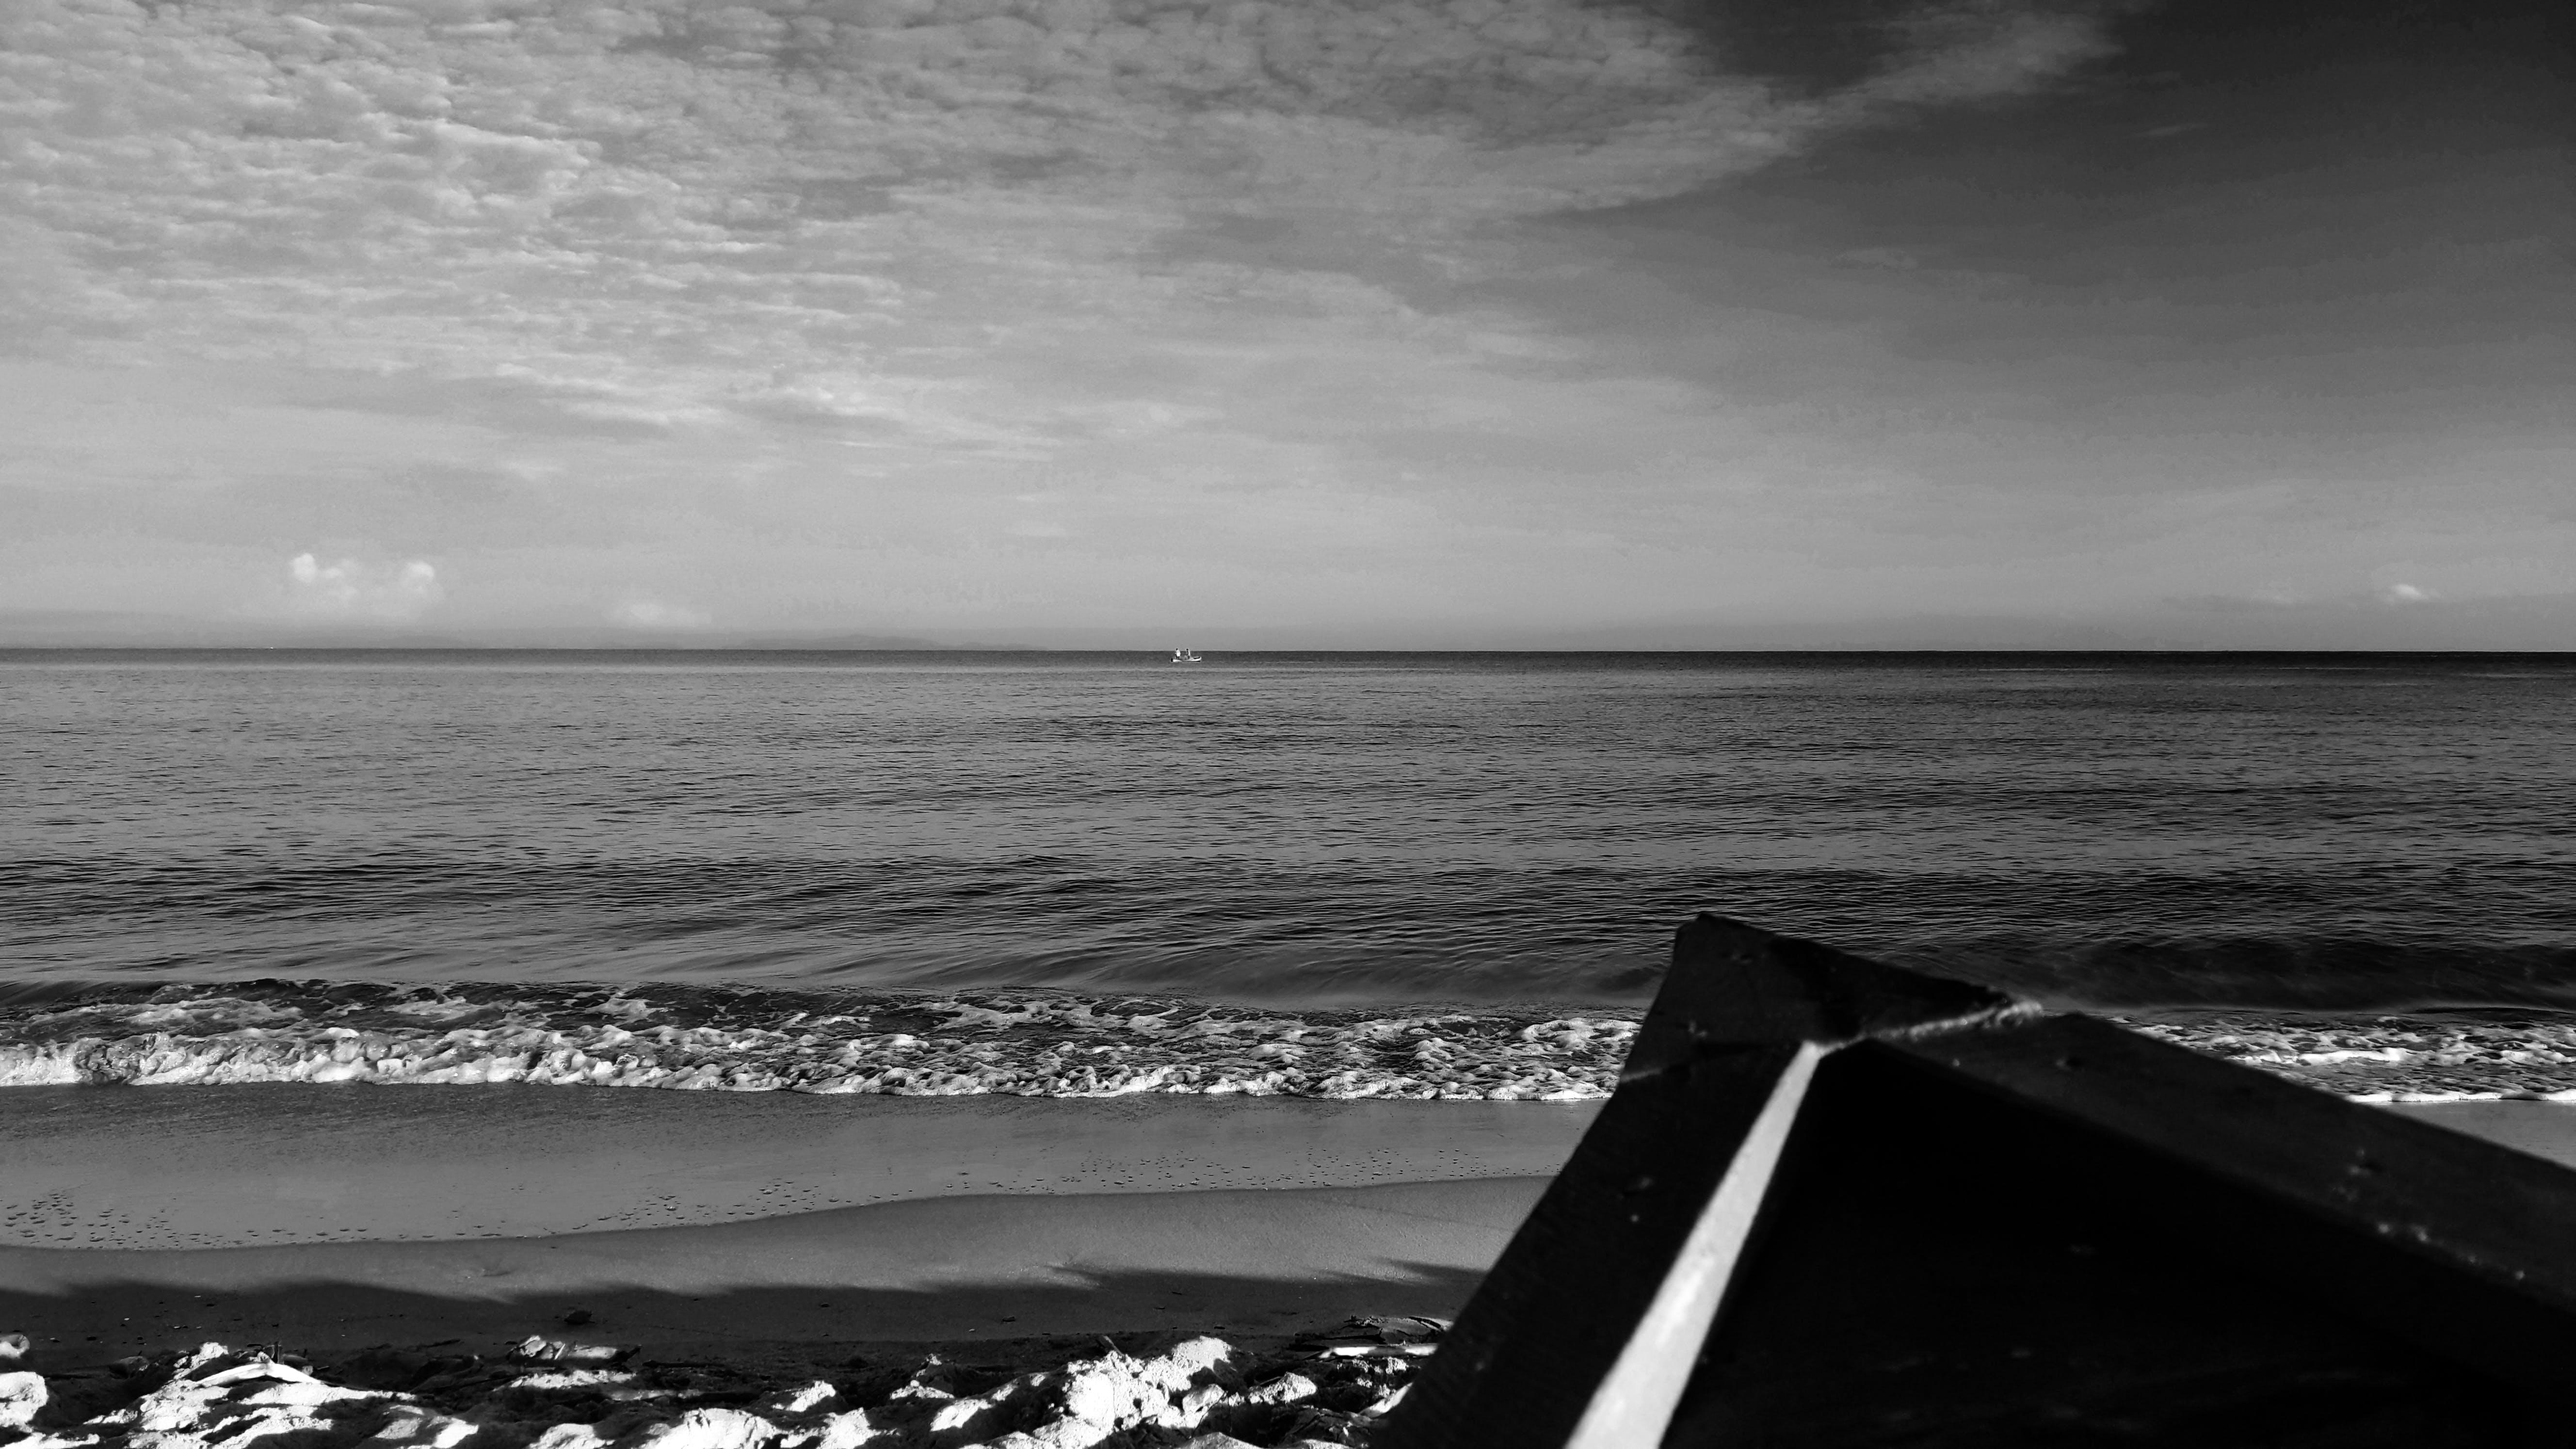 Free stock photo of beach, black and white, boat, honduras